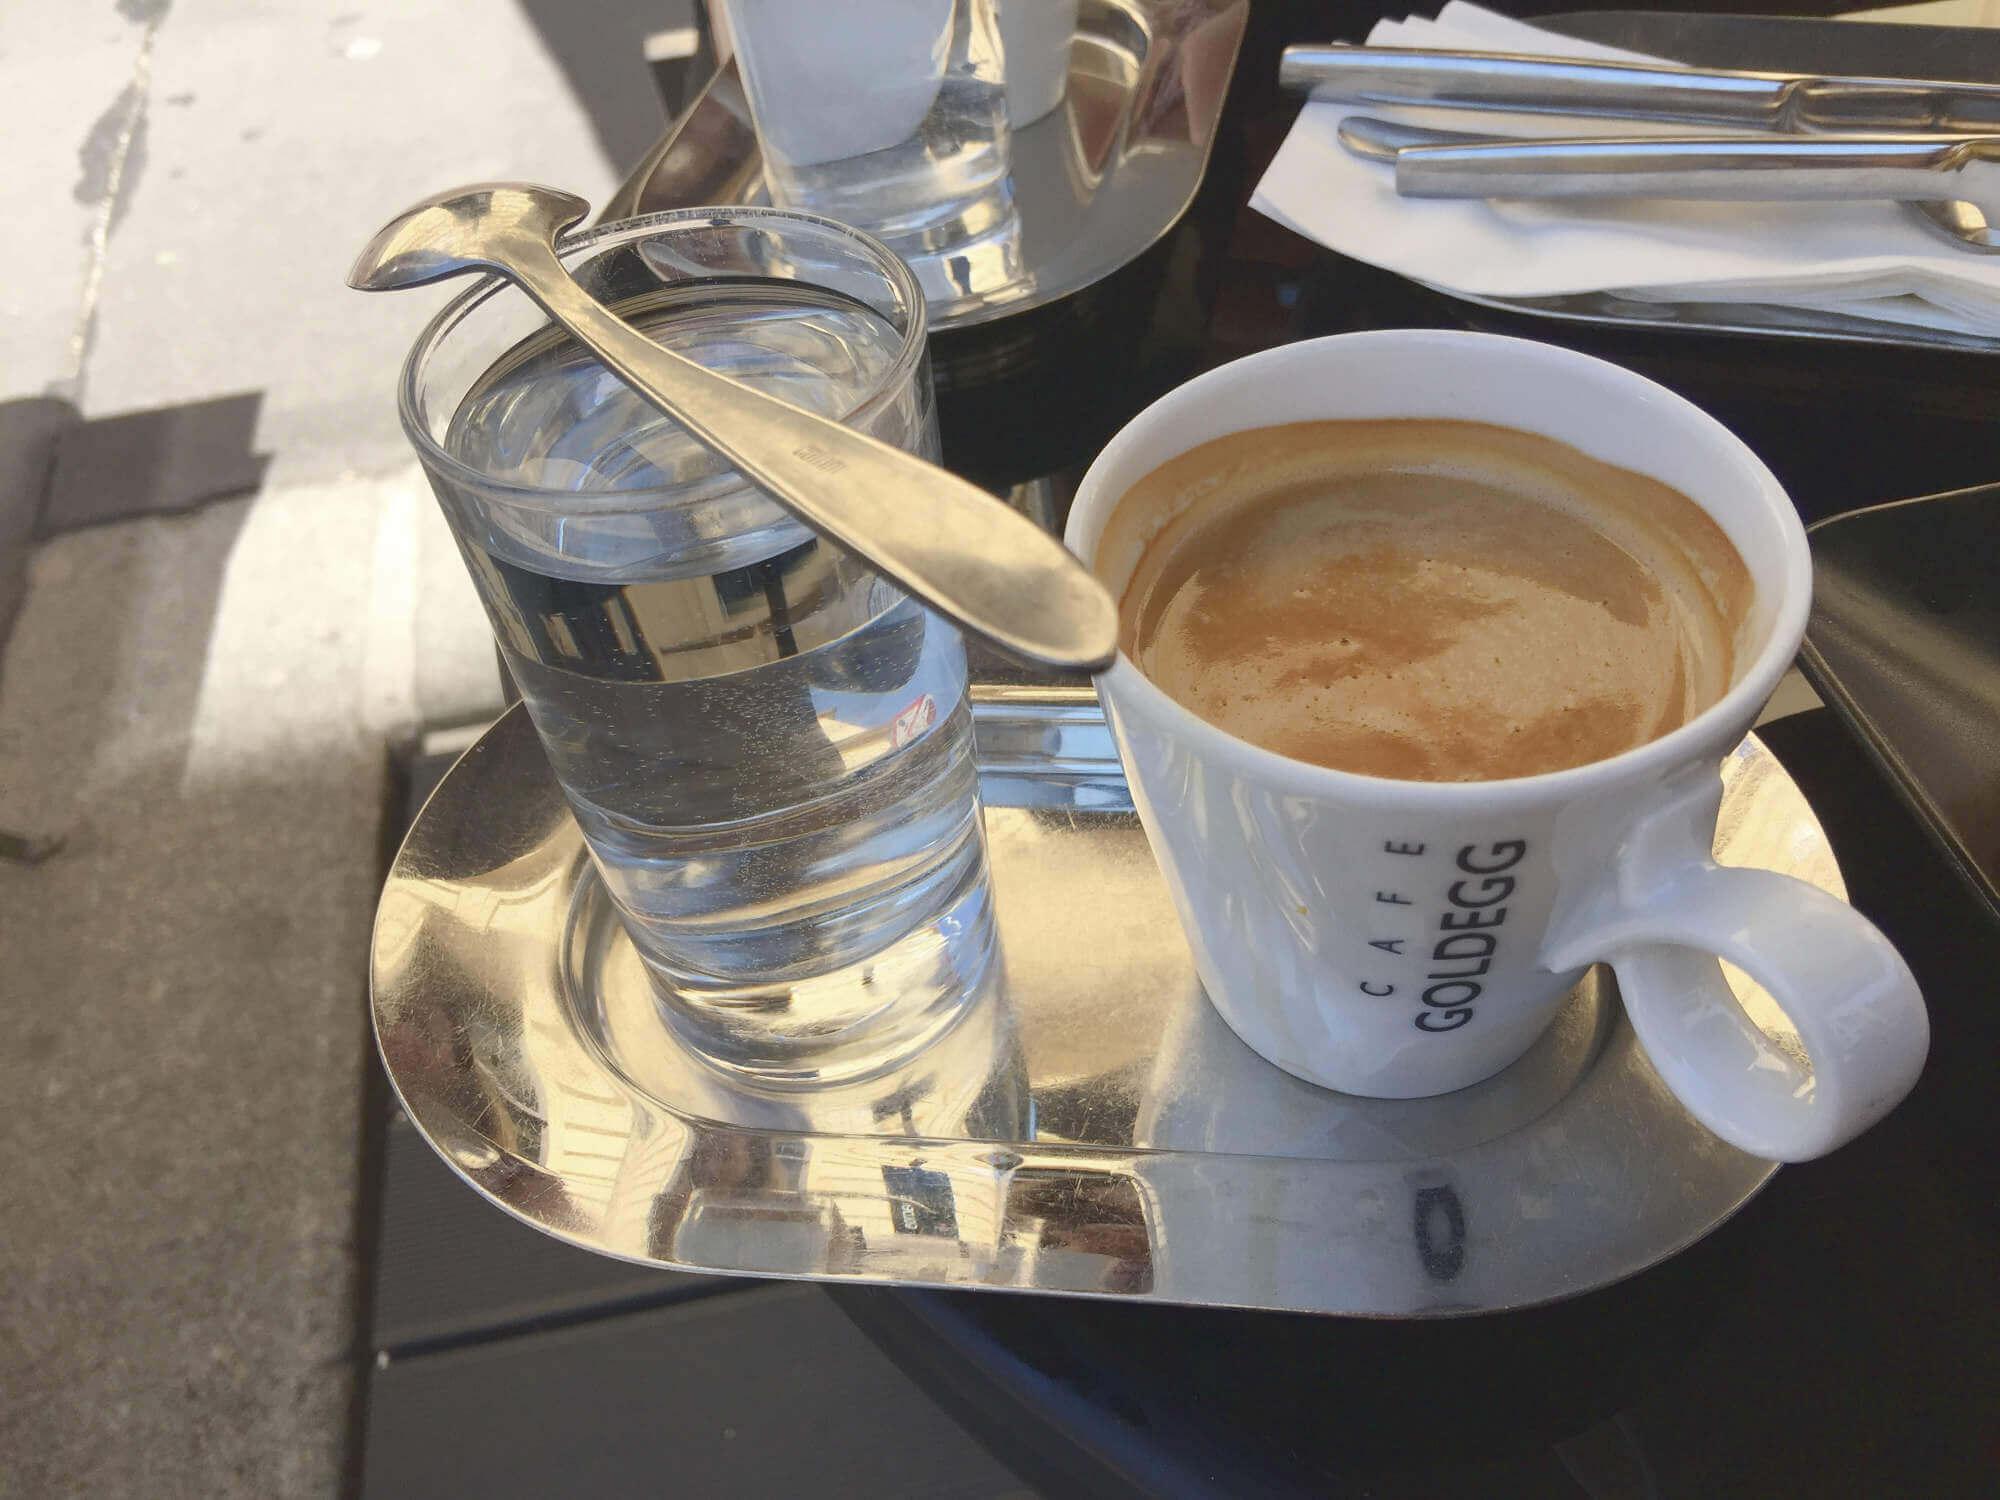 Kleiner Brauner mit Wasser auf Silbertablet in Kaffeehaus in Wien